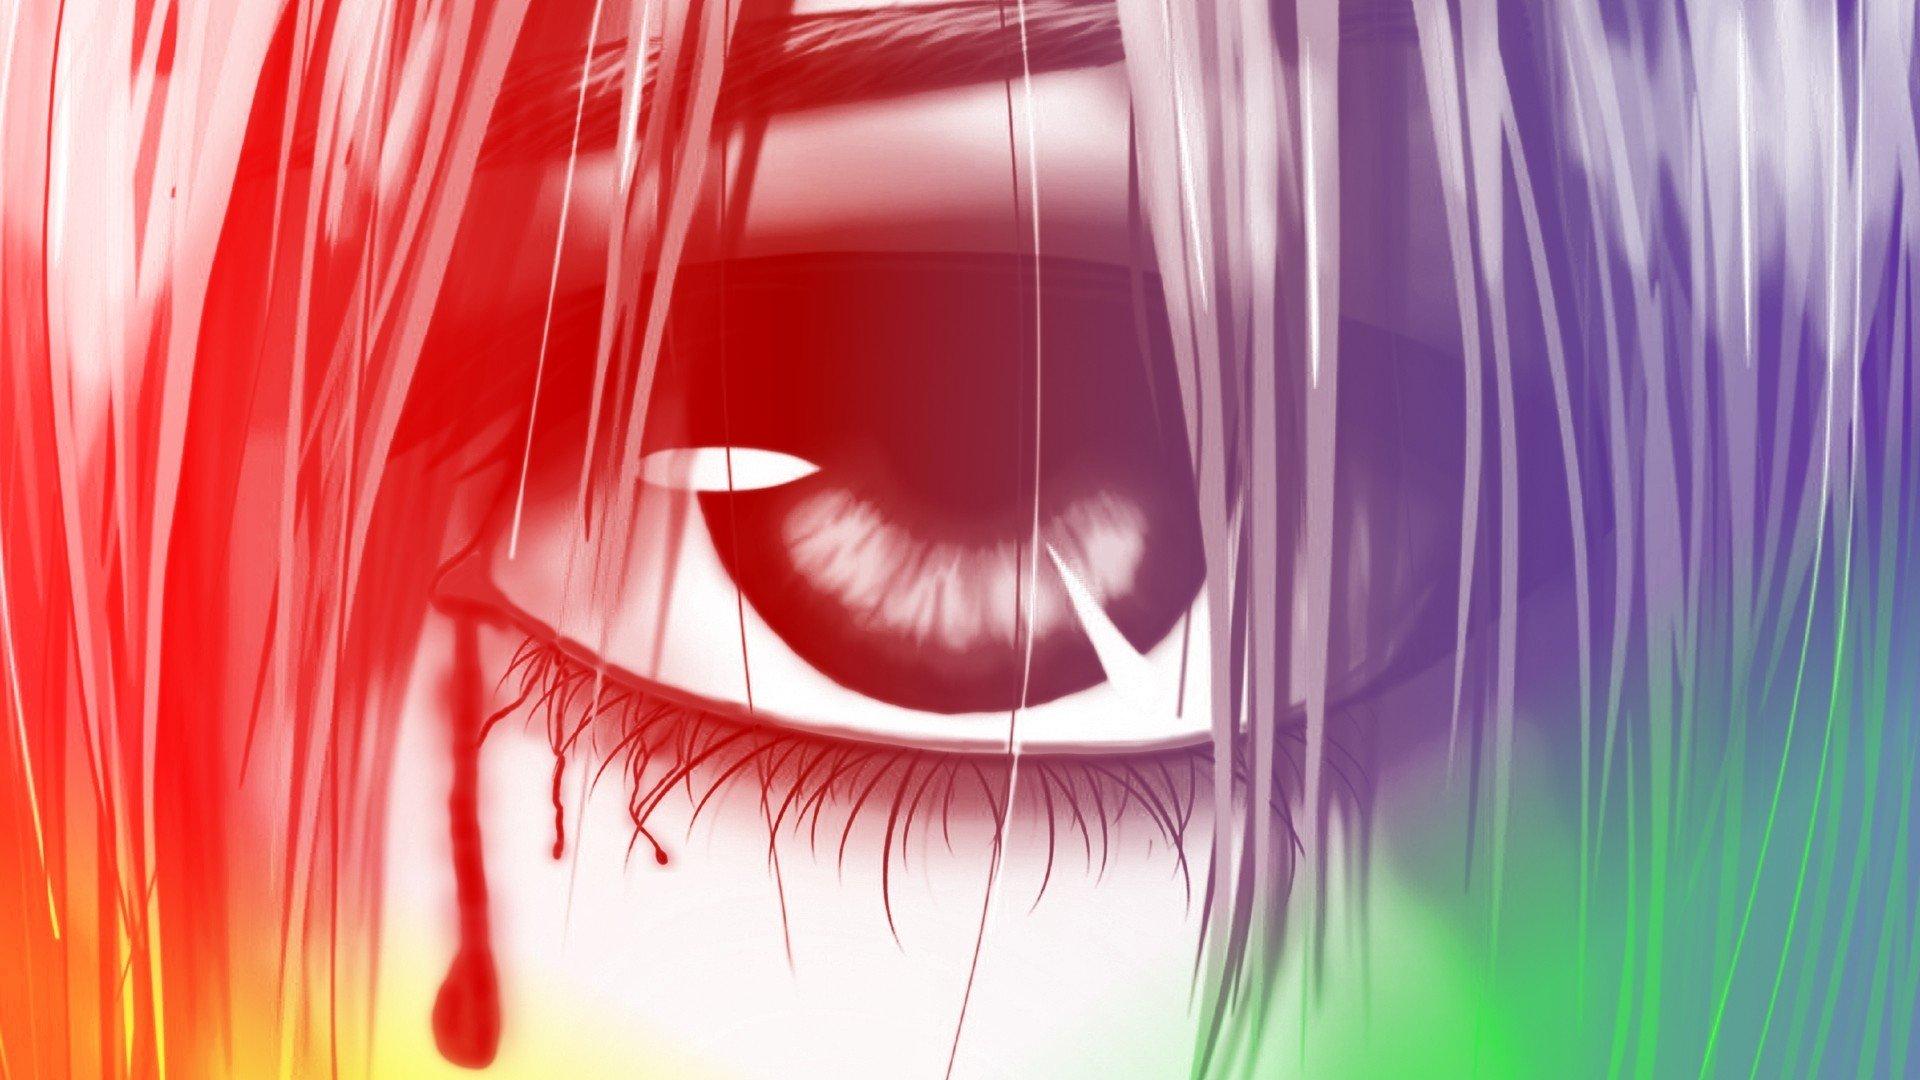 eyes elfen lied lucy elfen lied digital art anime manga